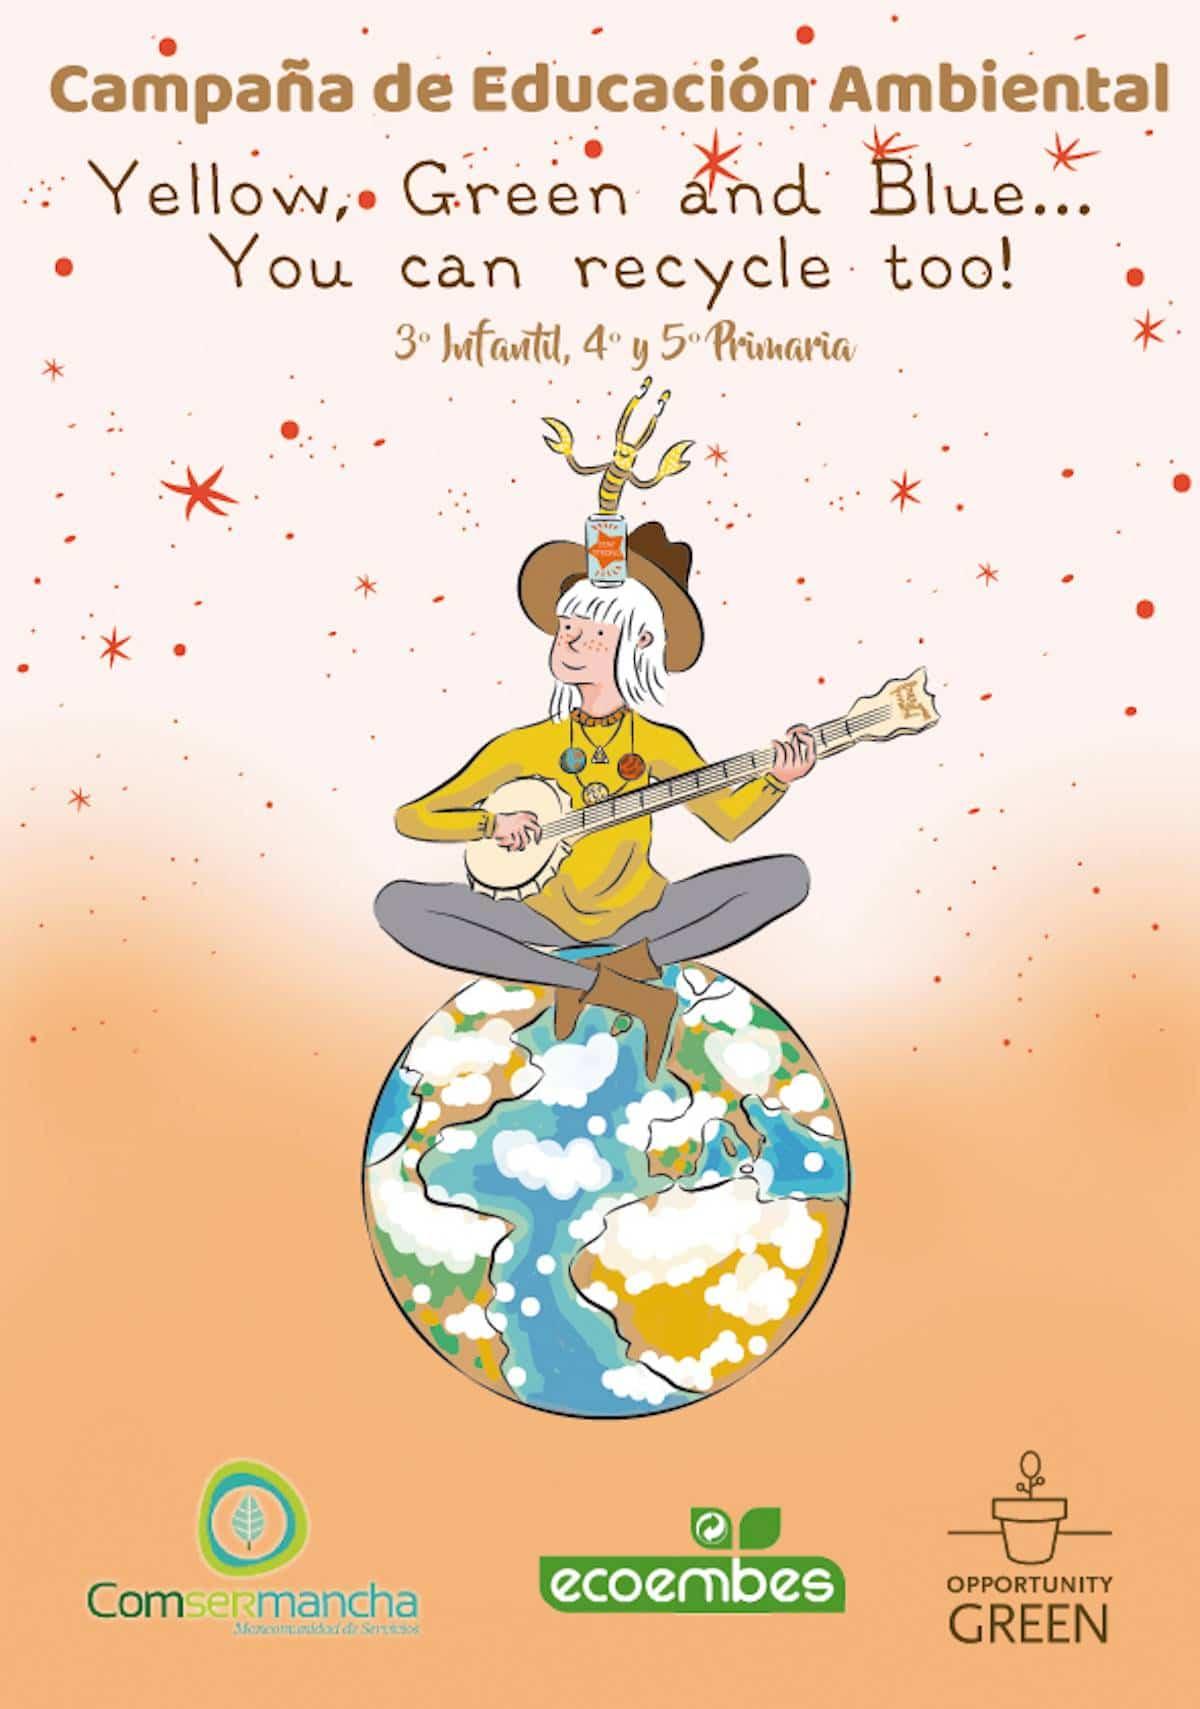 Comsermancha iniciará una Campaña escolar de reciclaje en inglés 3